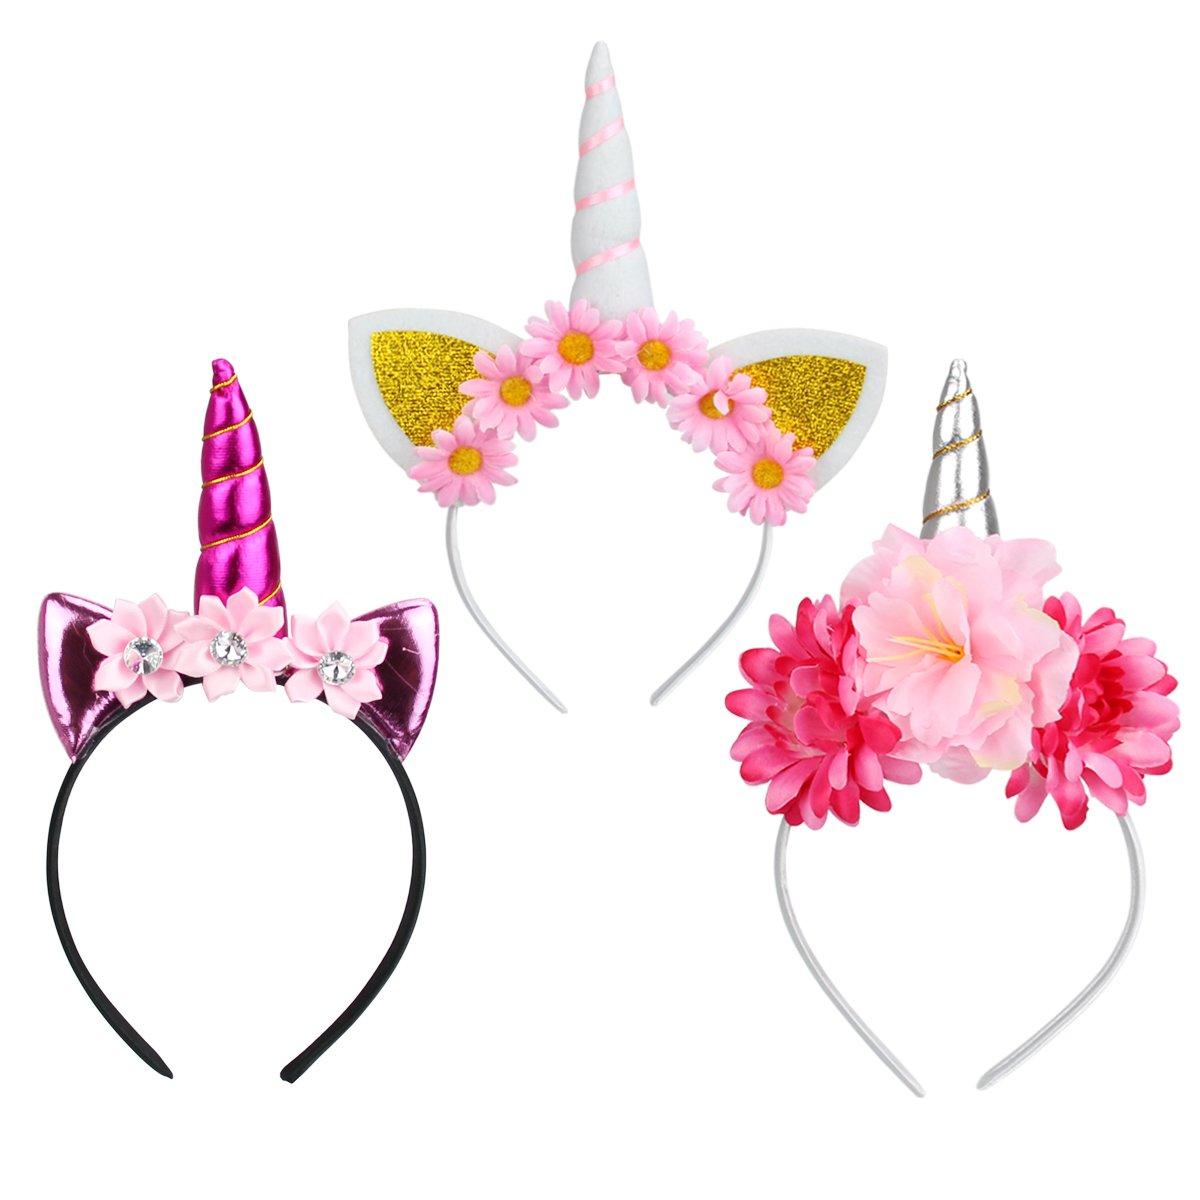 Runfon 3pcs Serre-tête Licorne avec Fleurs Chapeau Déguisement Bandeau Feutre Corne Oreilles Mignon Licorne Unicorn pour Cosplay Costume